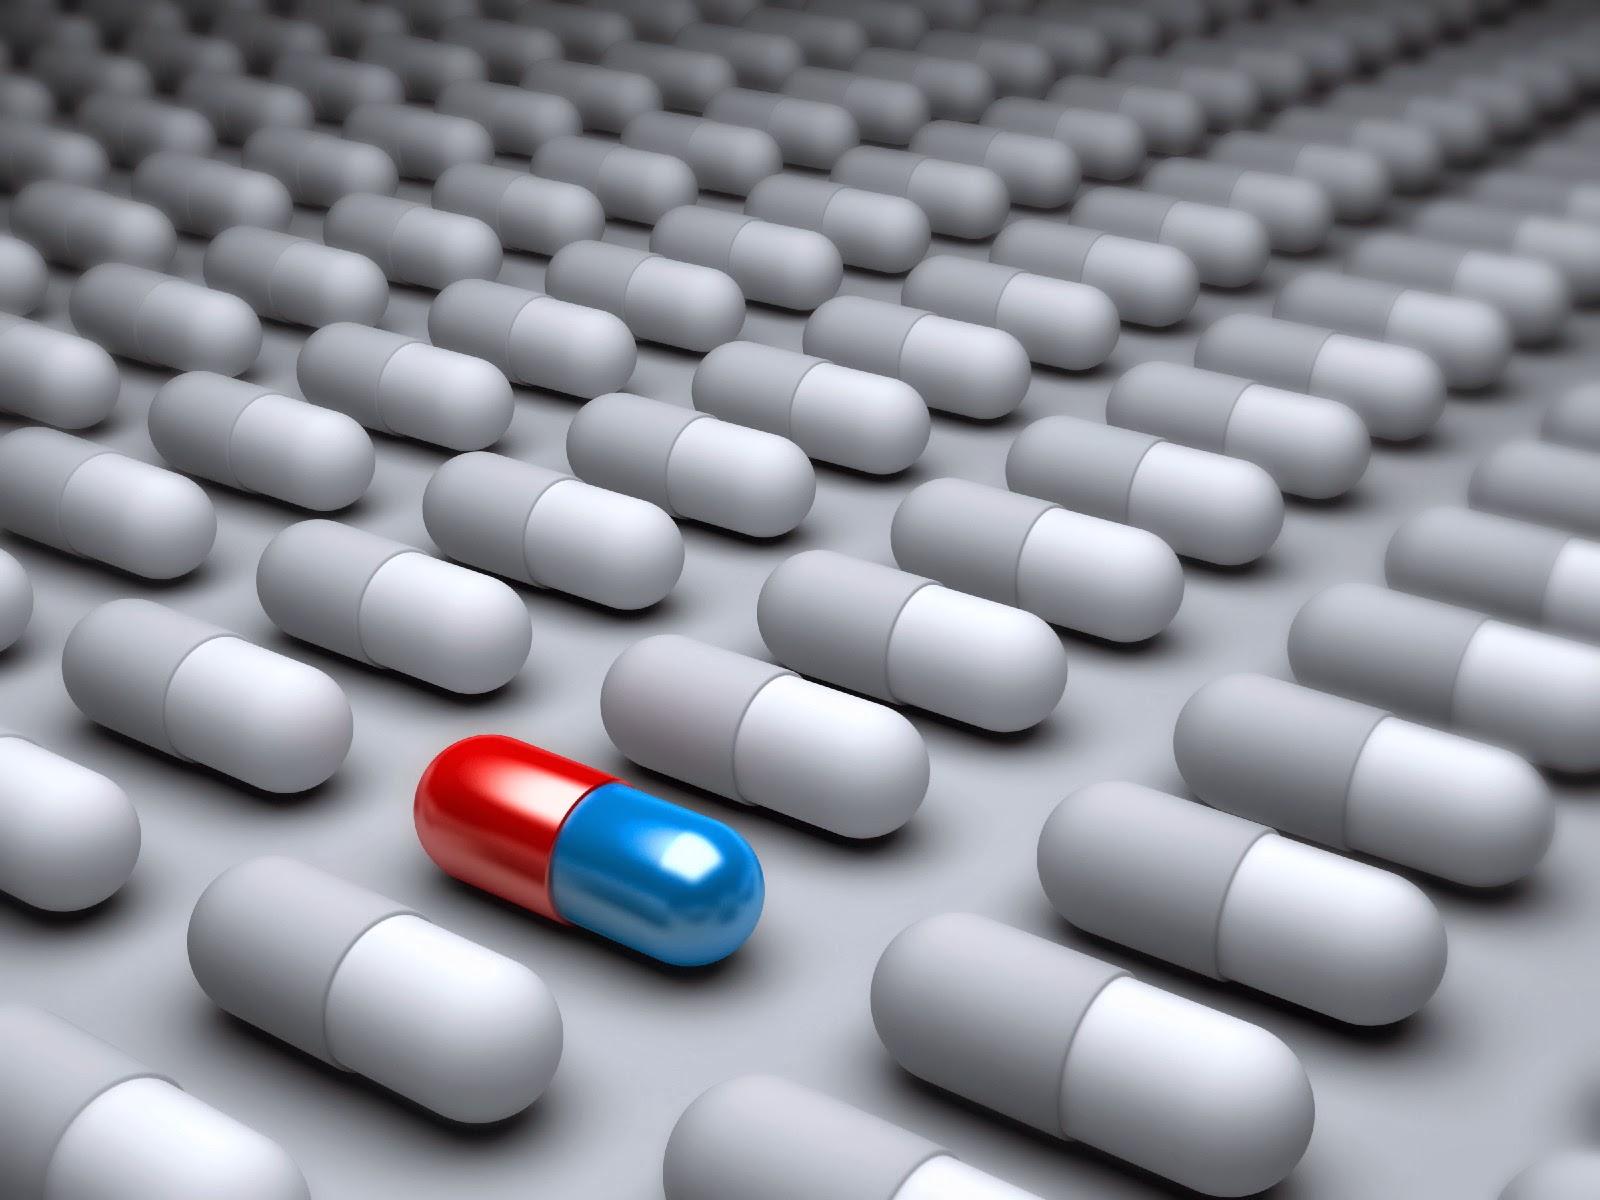 Portadores de HIV/Aids serão beneficiados com medicamentos mais inovadores